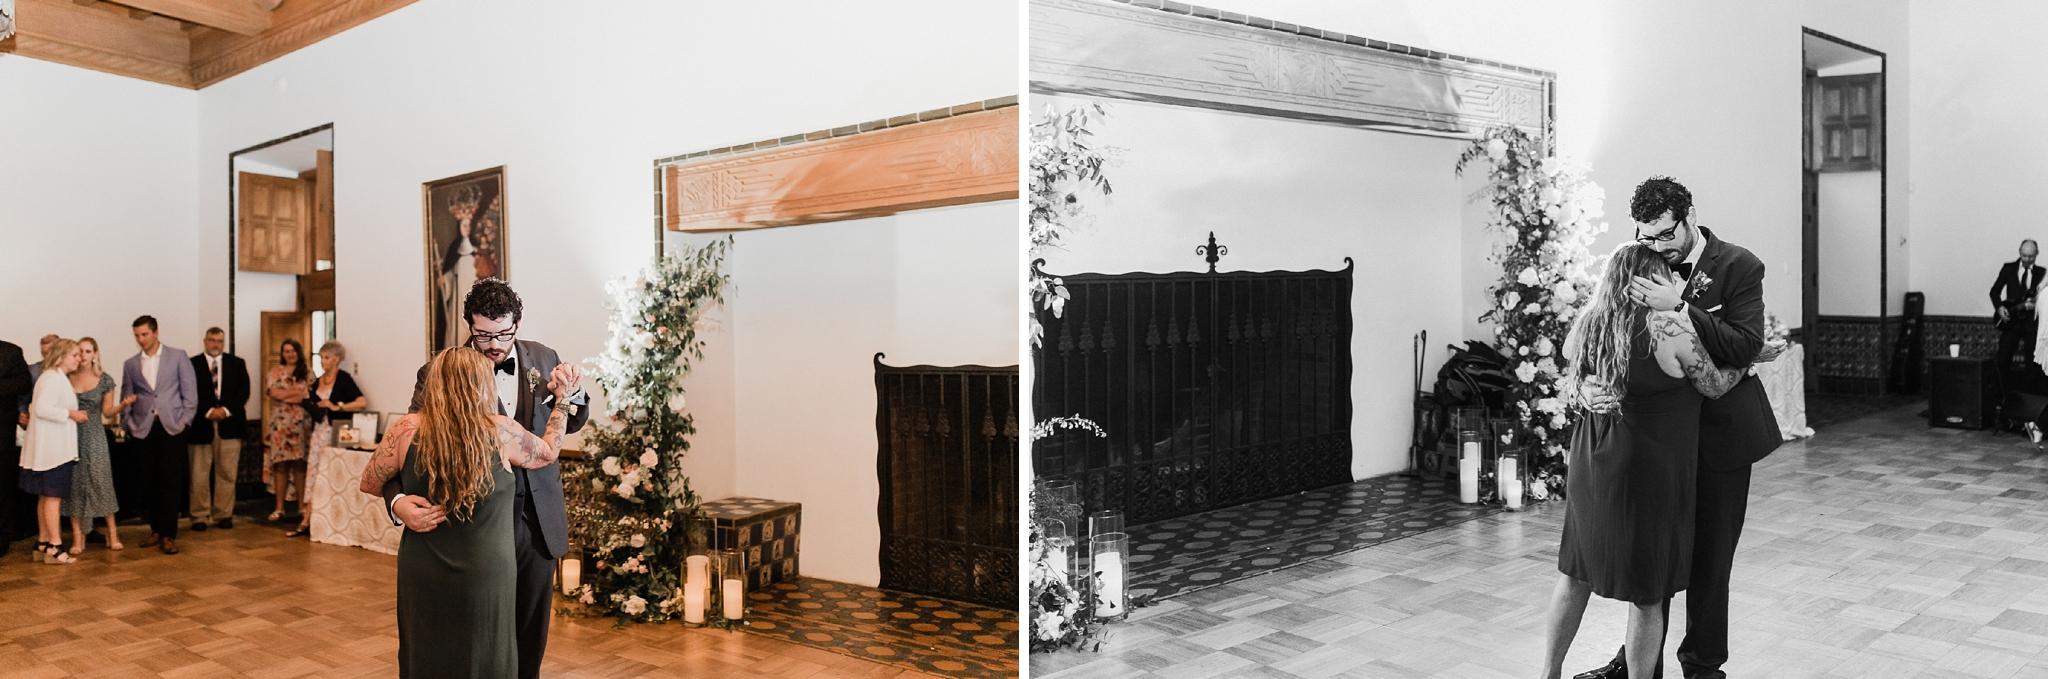 Alicia+lucia+photography+-+albuquerque+wedding+photographer+-+santa+fe+wedding+photography+-+new+mexico+wedding+photographer+-+new+mexico+wedding+-+summer+wedding+-+los+poblanos+wedding+-+albuquerque+wedding_0101.jpg